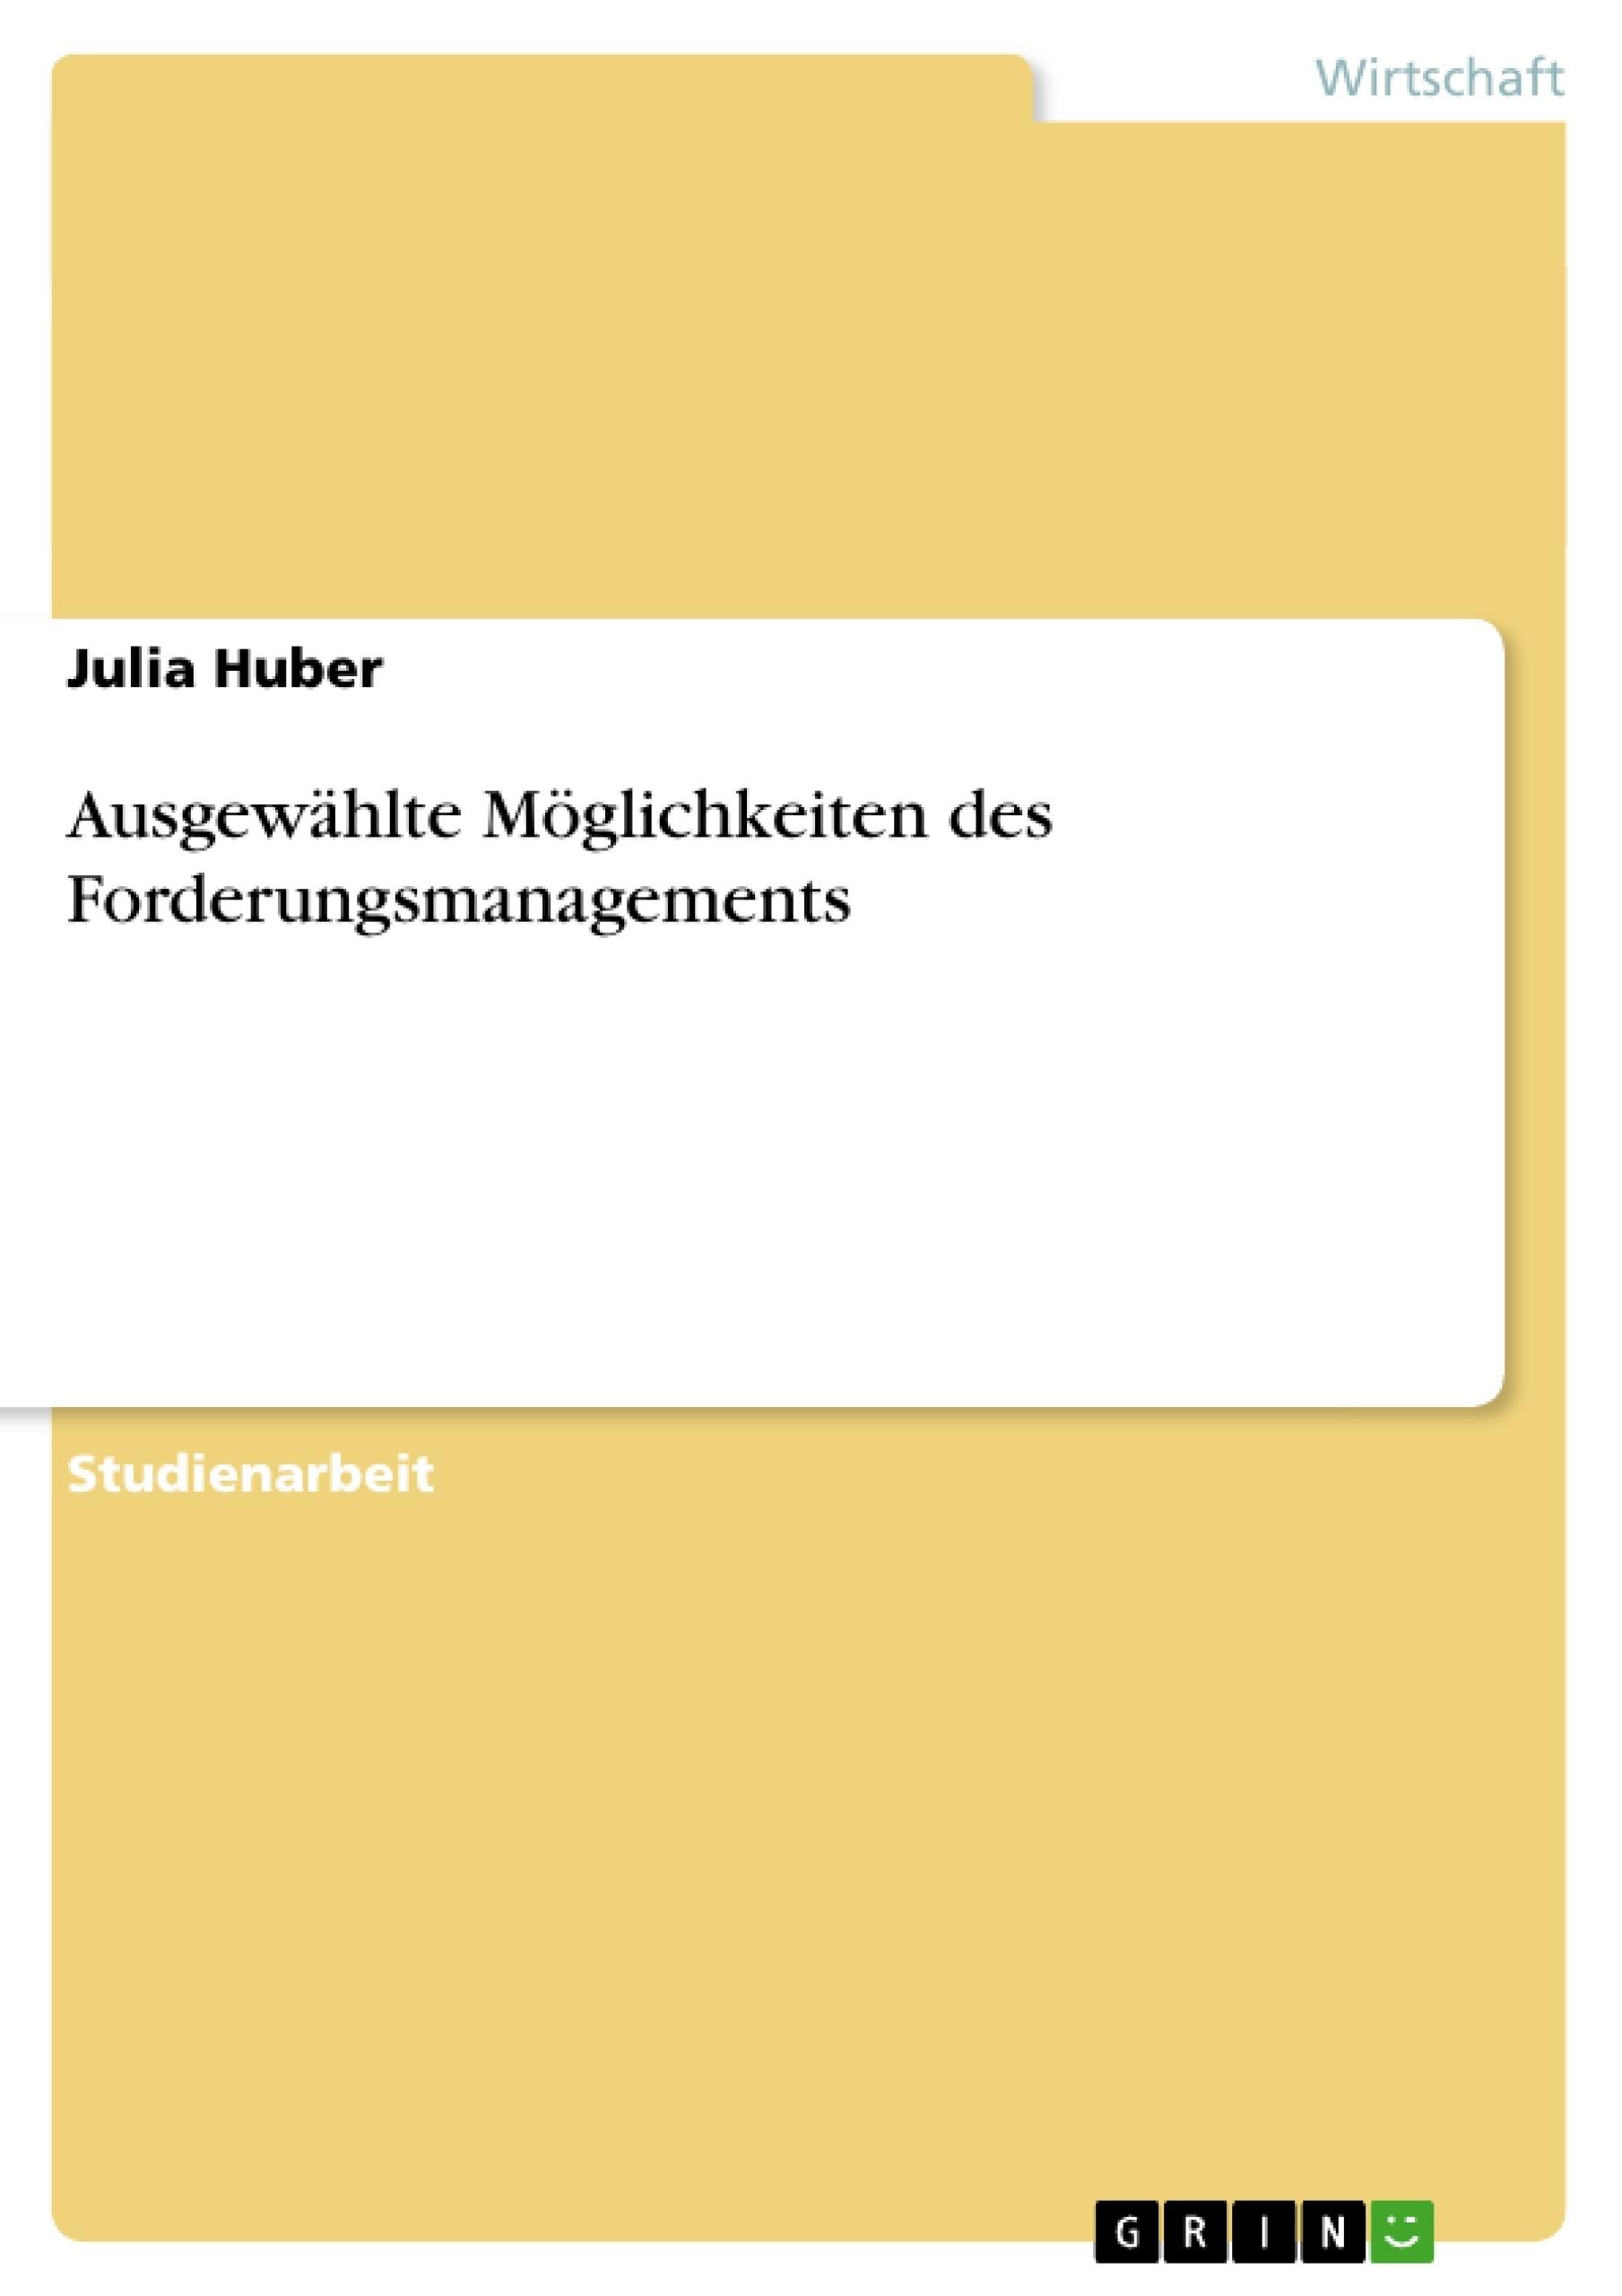 Titel: Ausgewählte Möglichkeiten des Forderungsmanagements